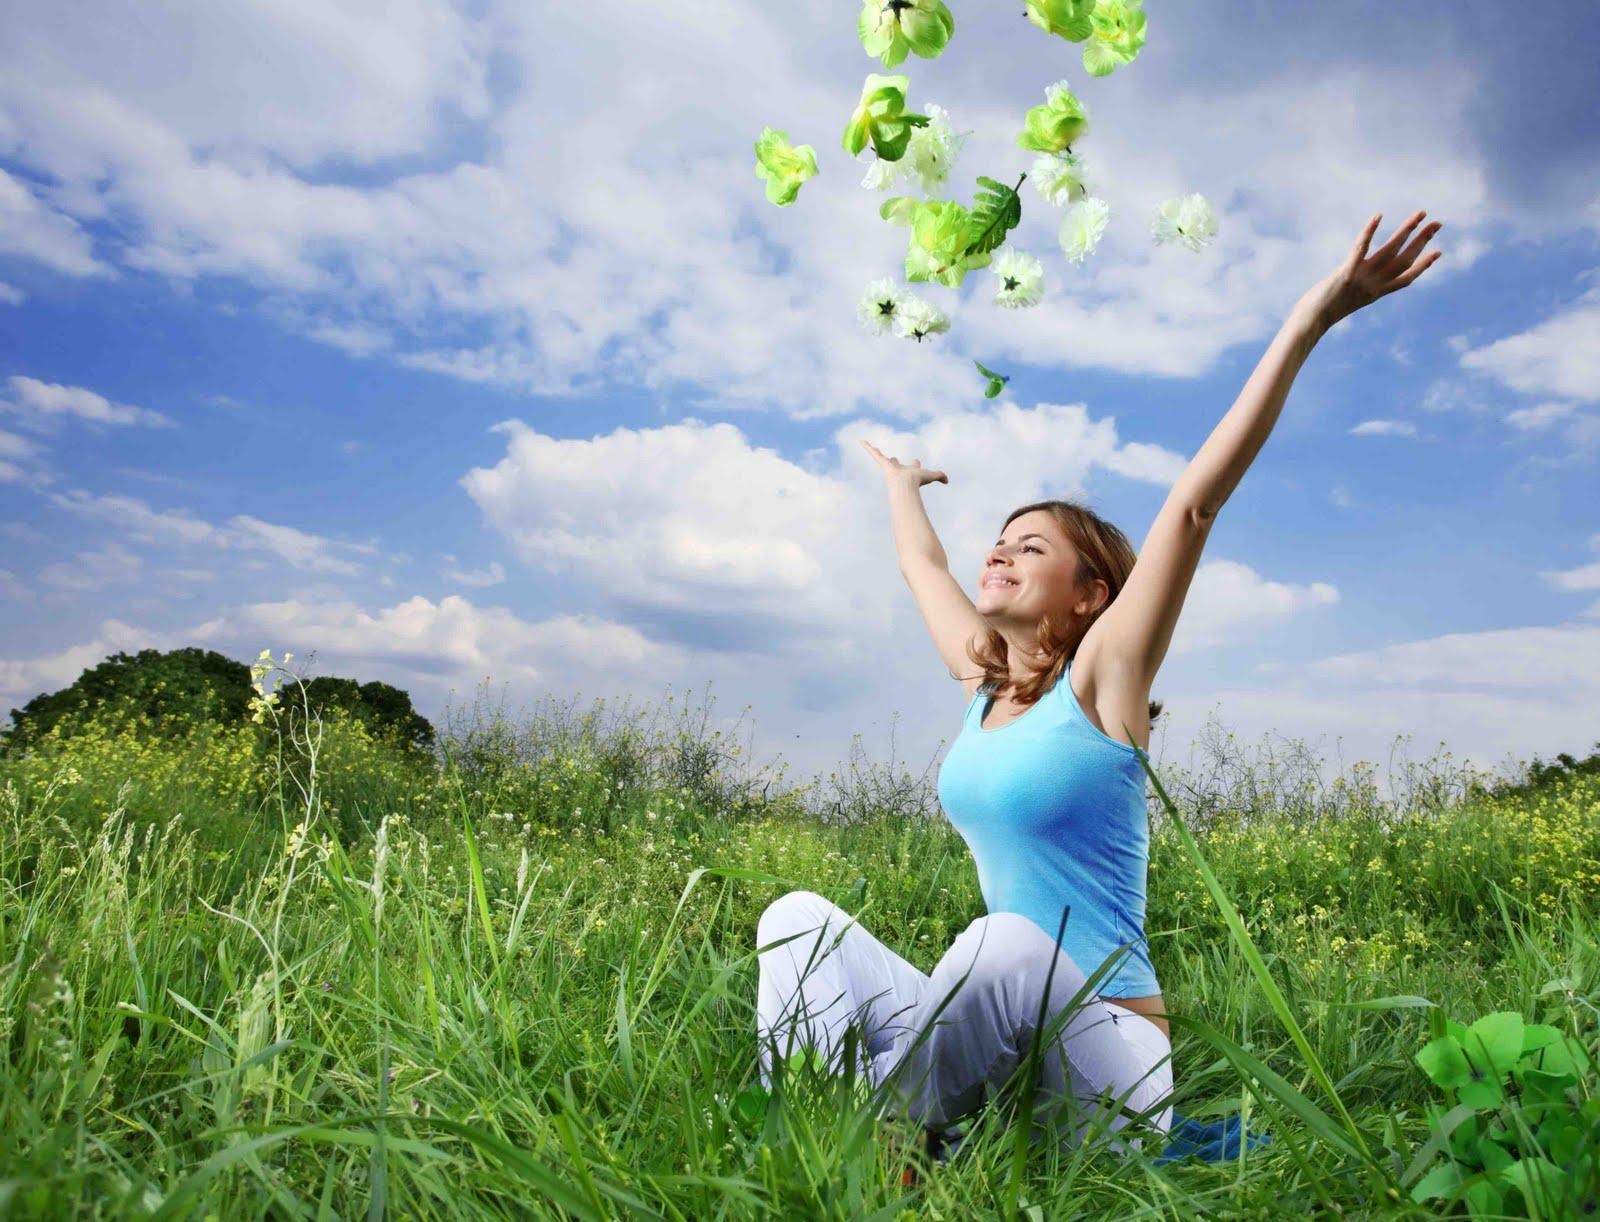 La Percepción De Felicidad Y Bienestar Humano Desde Una Perspectiva Genetica